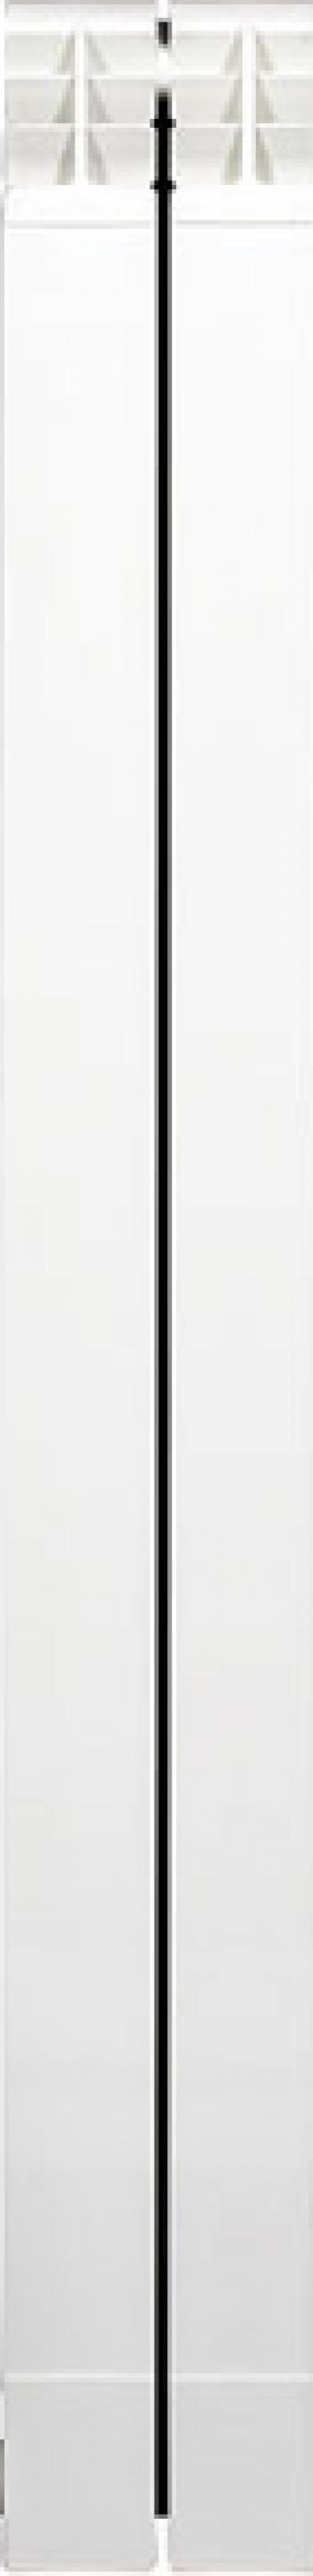 Calorifer/Radiator aluminiu Tropical+ 2000 2 elementi Calorifere si accesorii